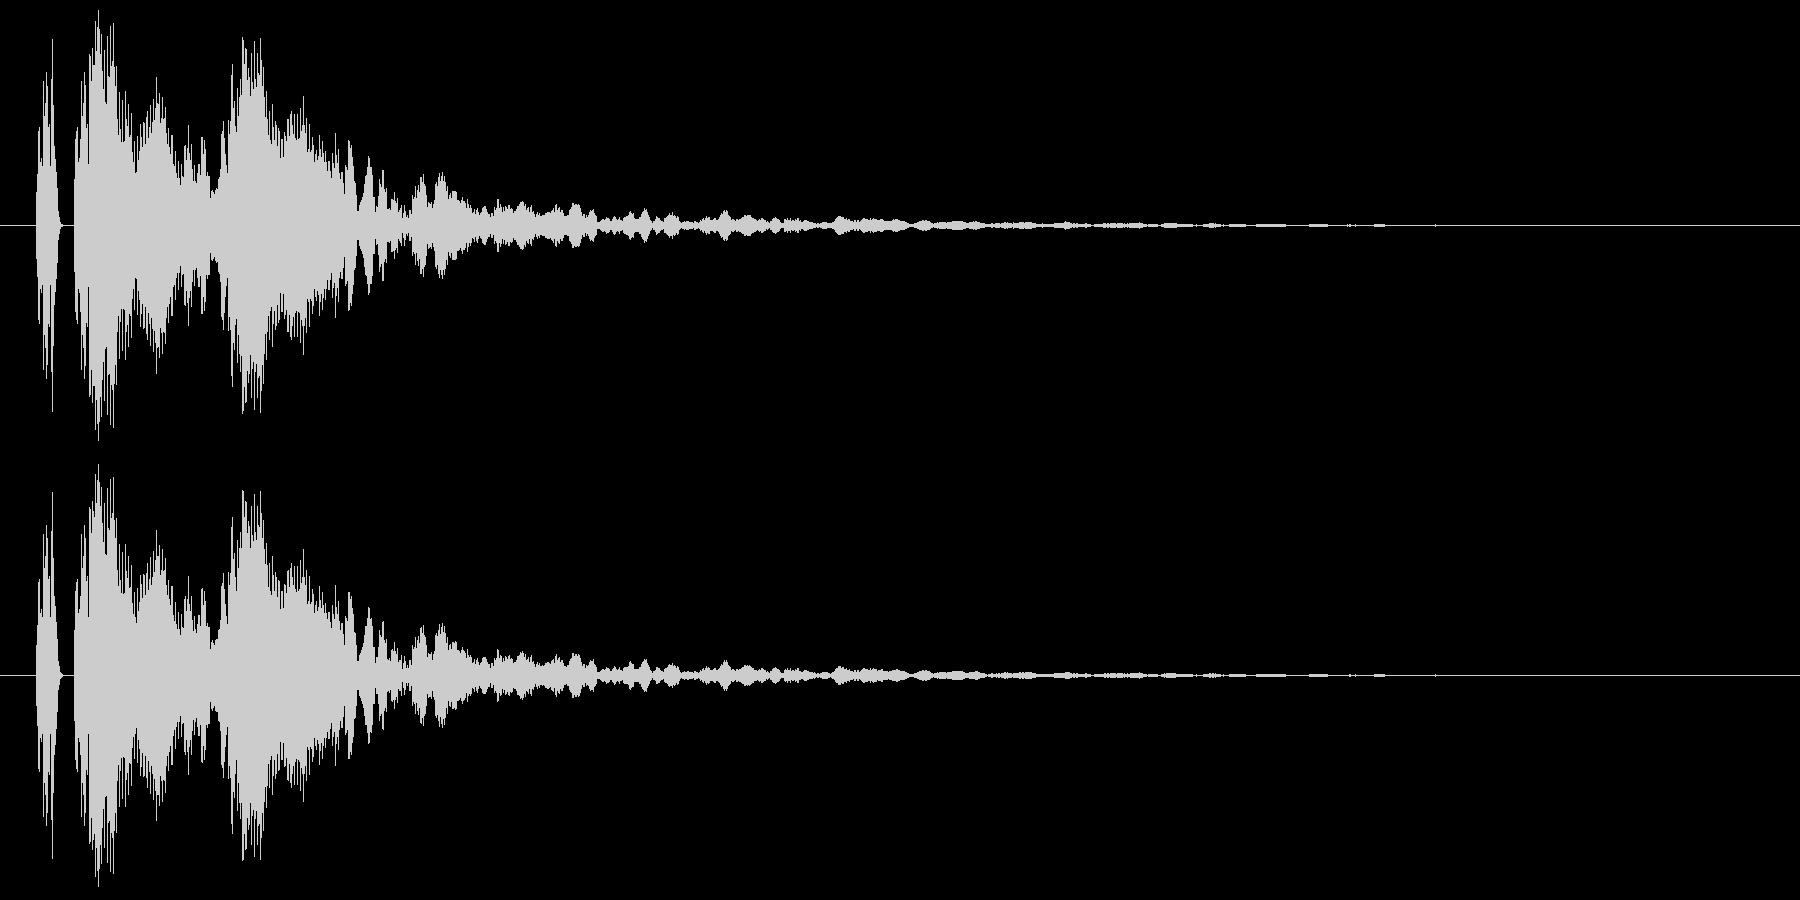 【ポポン!】とてもリアルな太鼓の鼓!08の未再生の波形